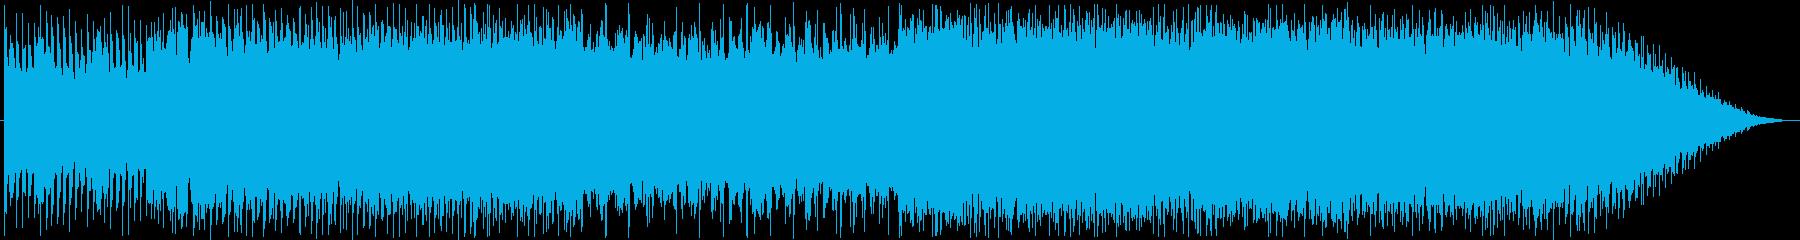 秘めた決意を表現したエモーショナルロックの再生済みの波形